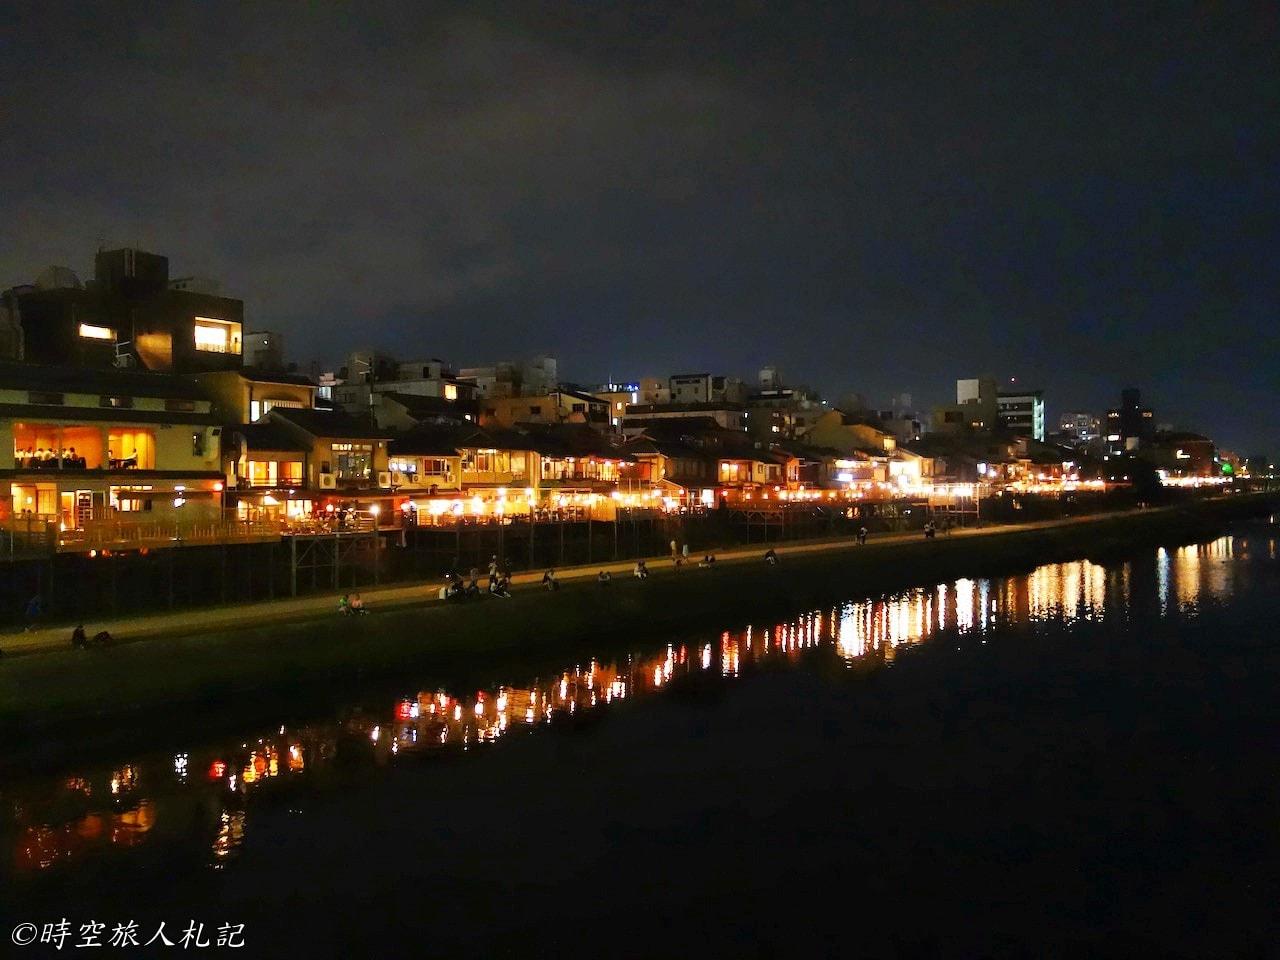 京都景點紀錄: 祇園商圈 (八坂神社、四條通、花見小路、鴨川)